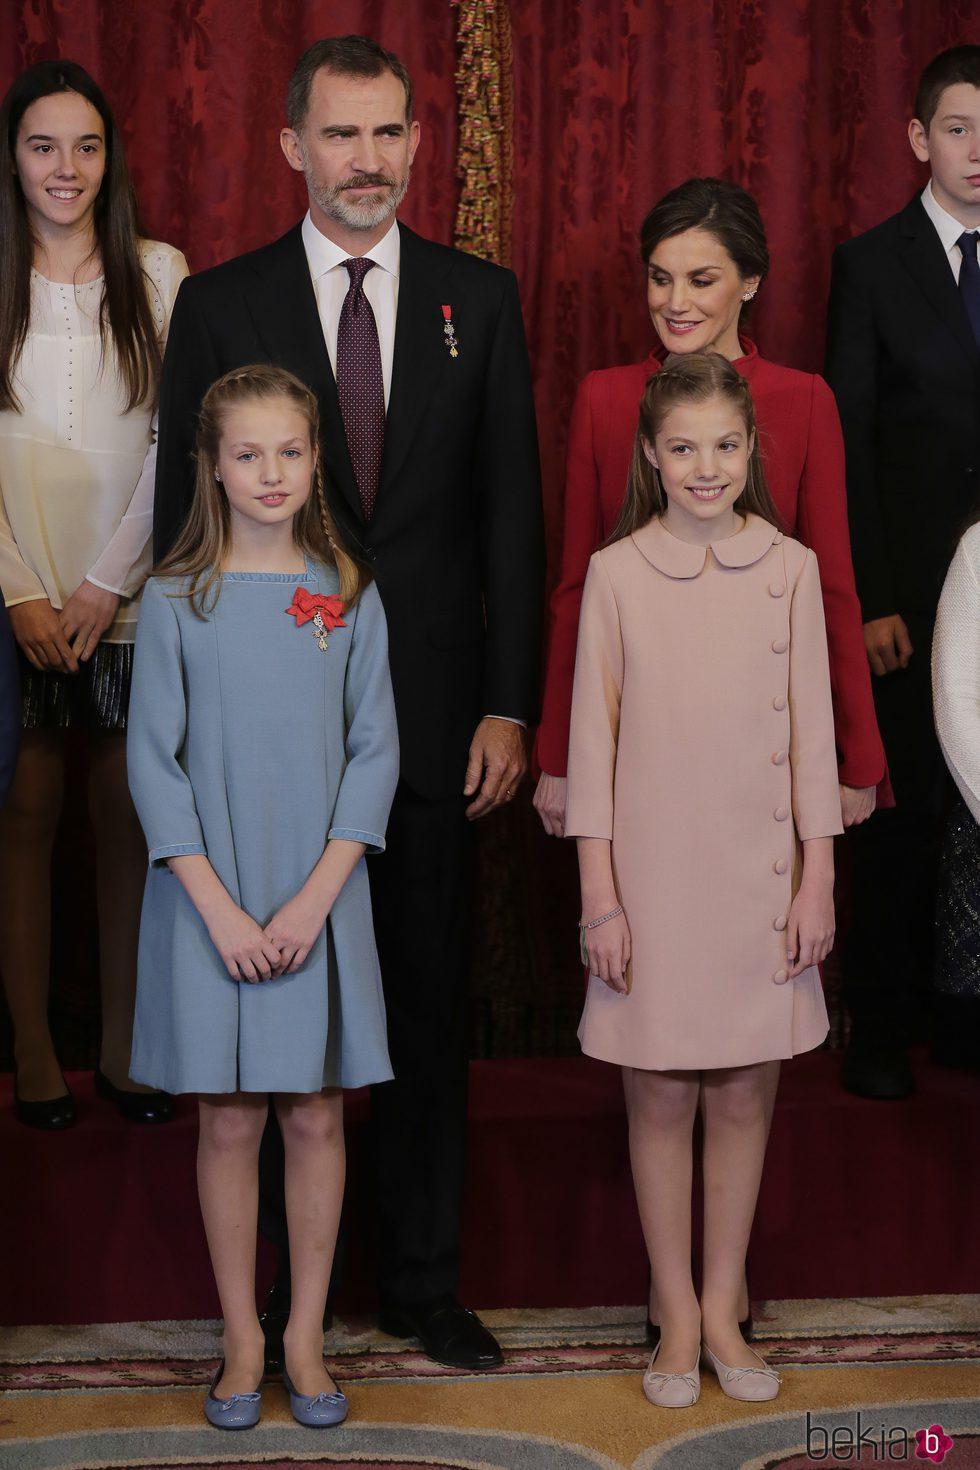 Los Reyes Felipe y Letizia, la Princesa Leonor y la Infanta Sofía en la entrega del Toisón de Oro